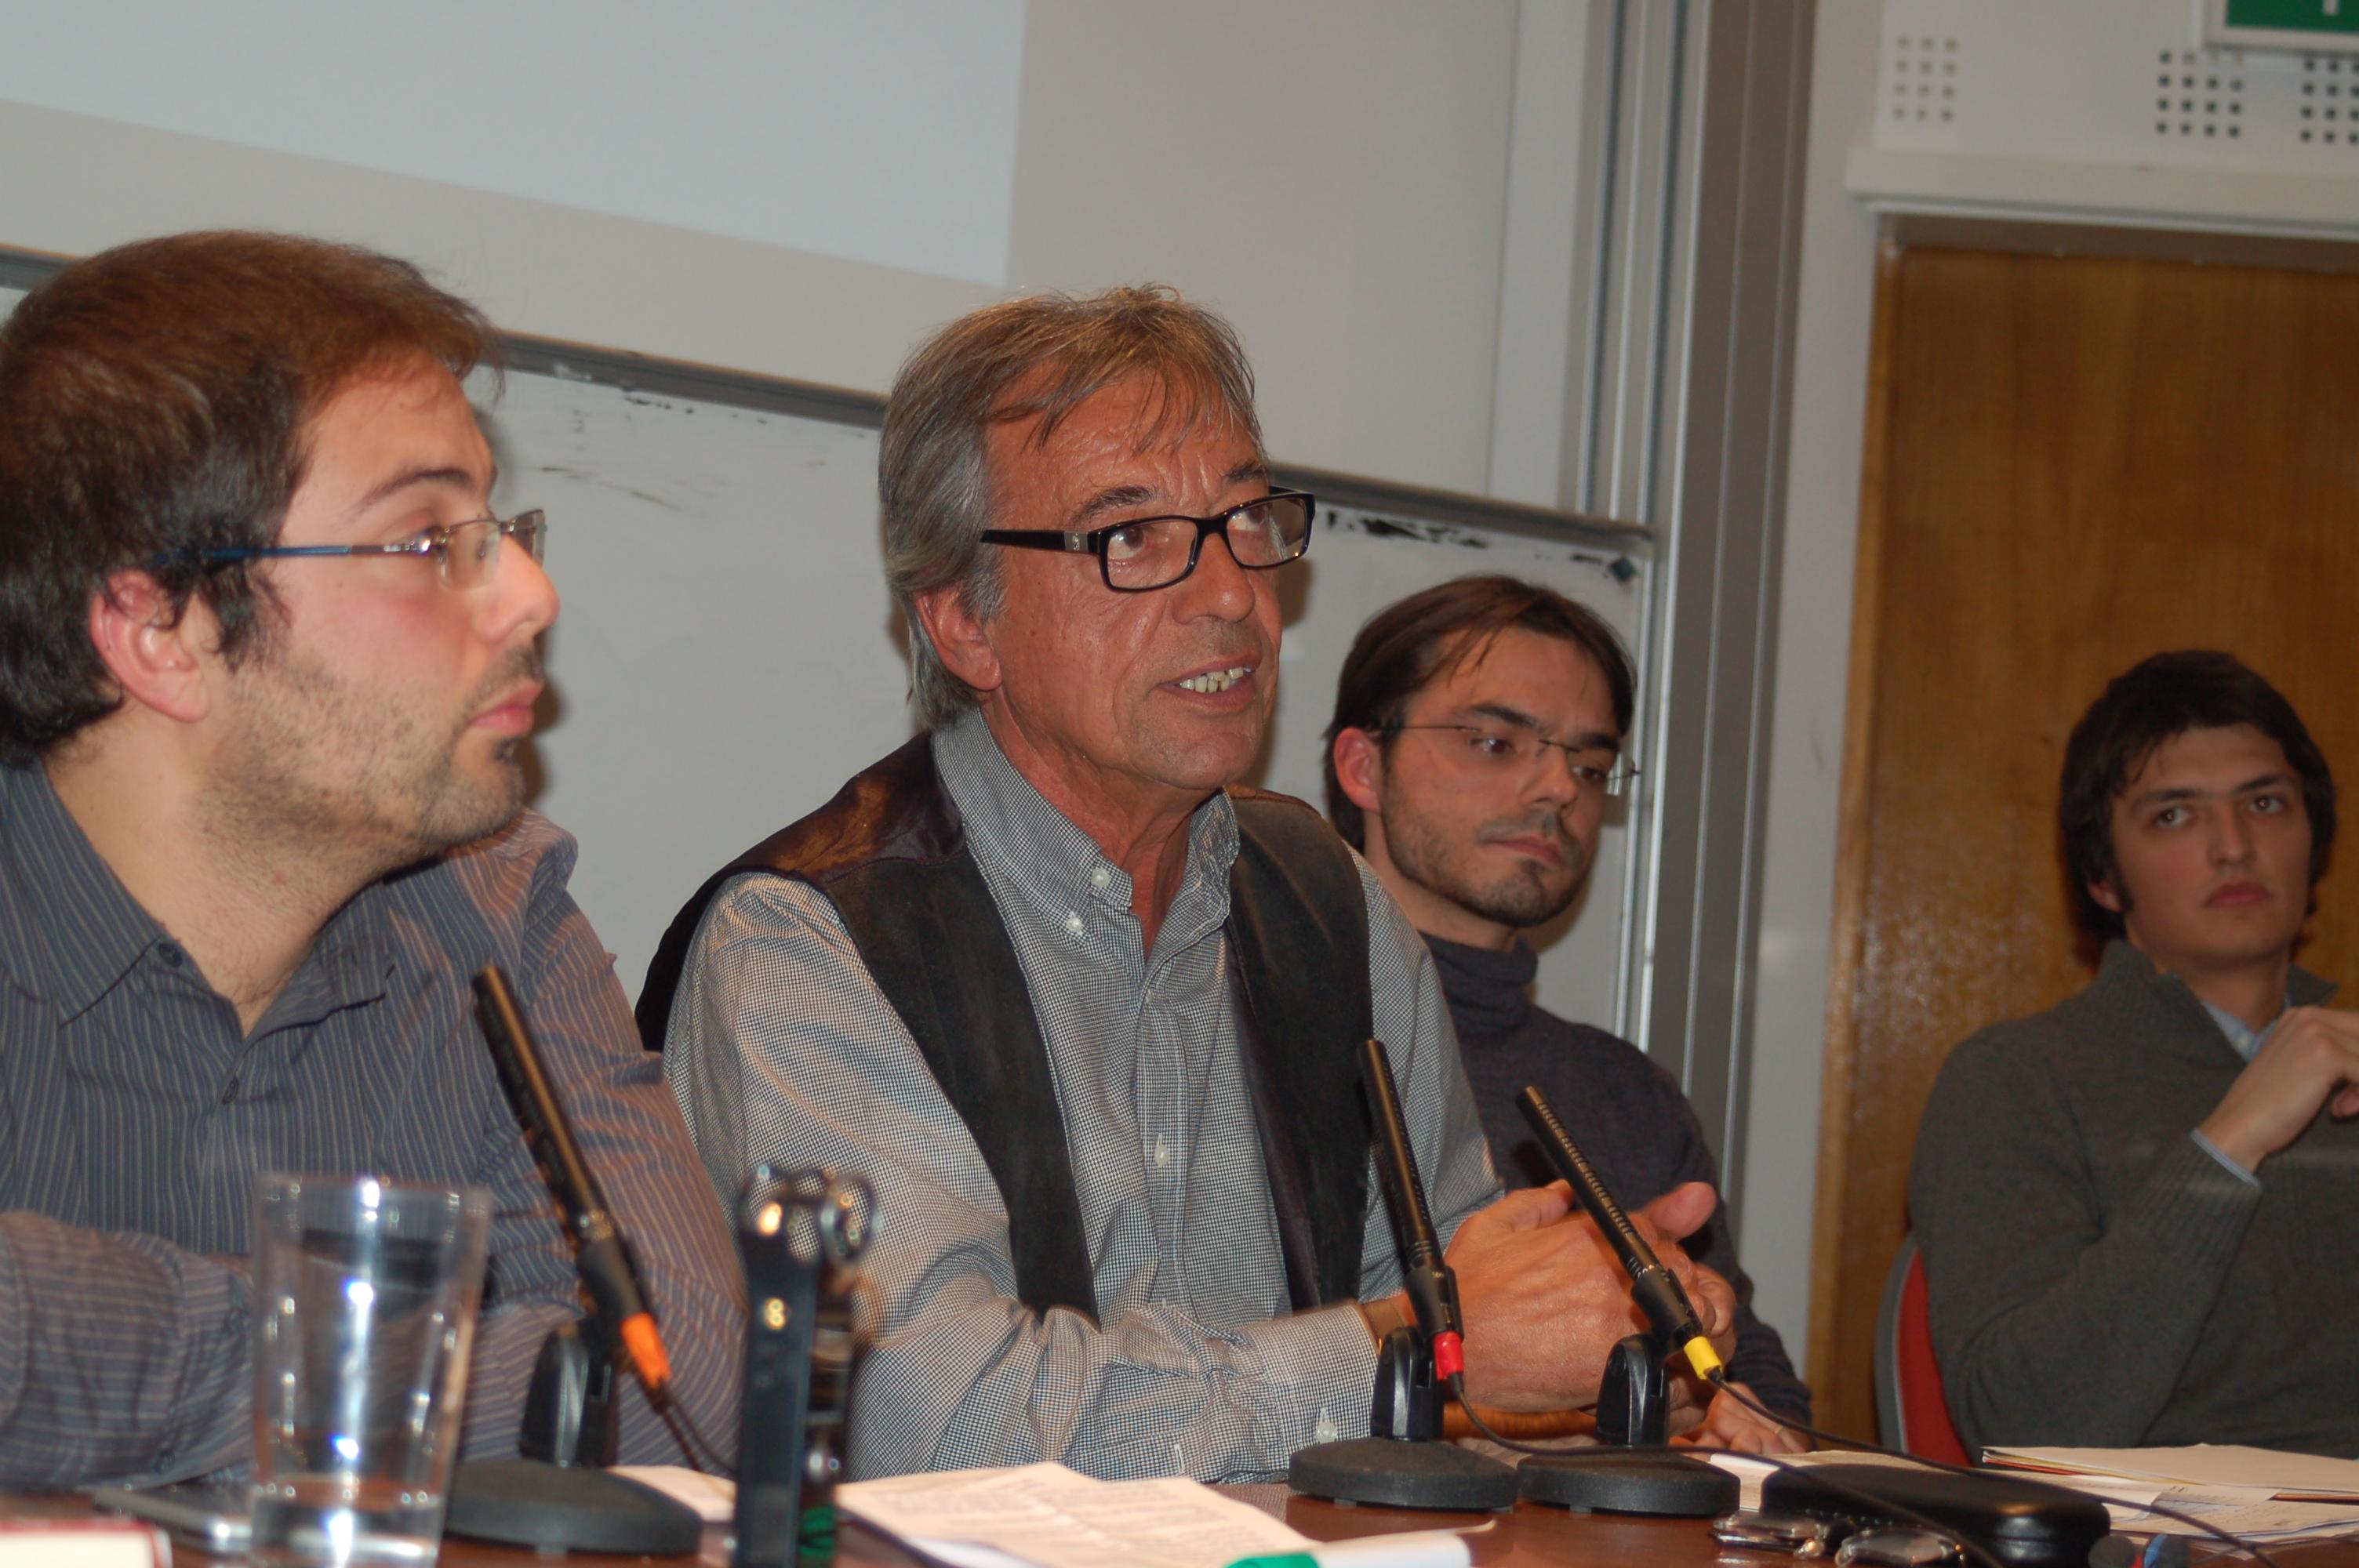 Al centro il Prof. Ruggiero